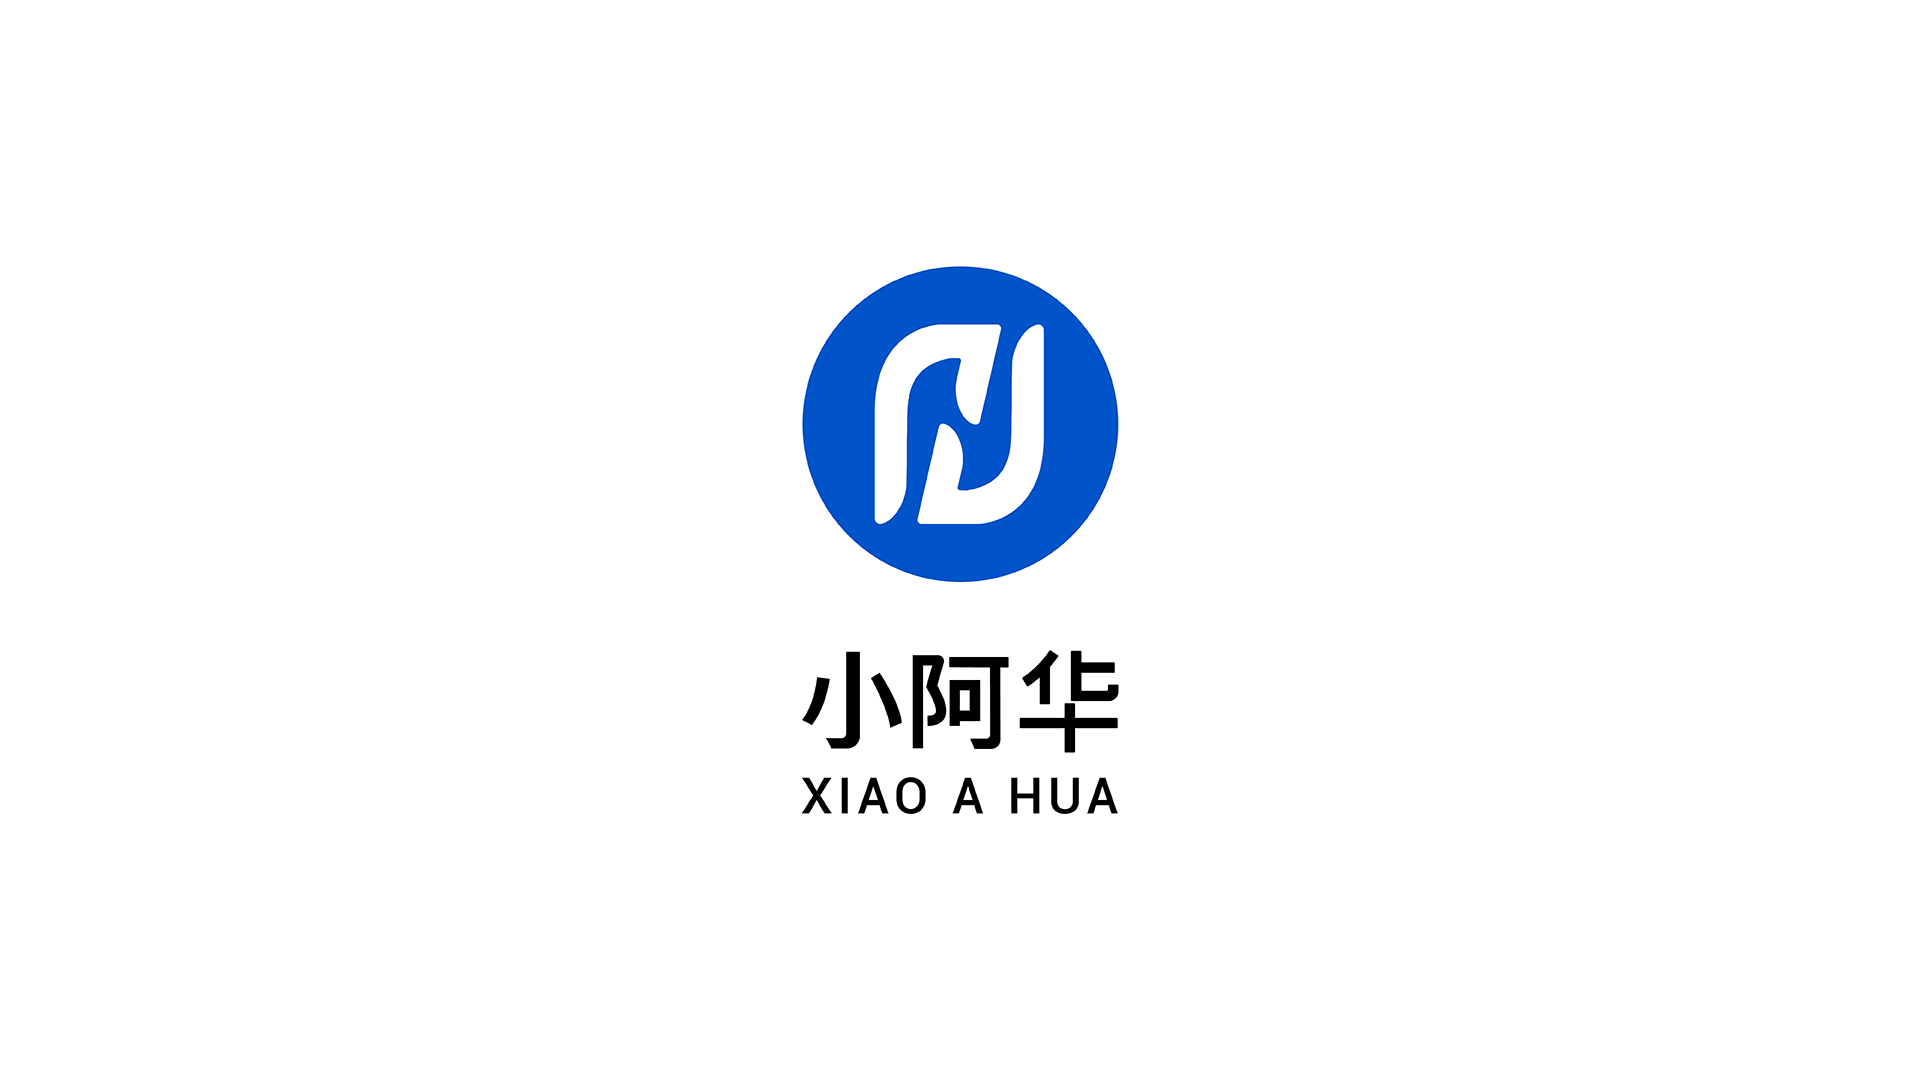 小阿华健康家政品牌logo设计